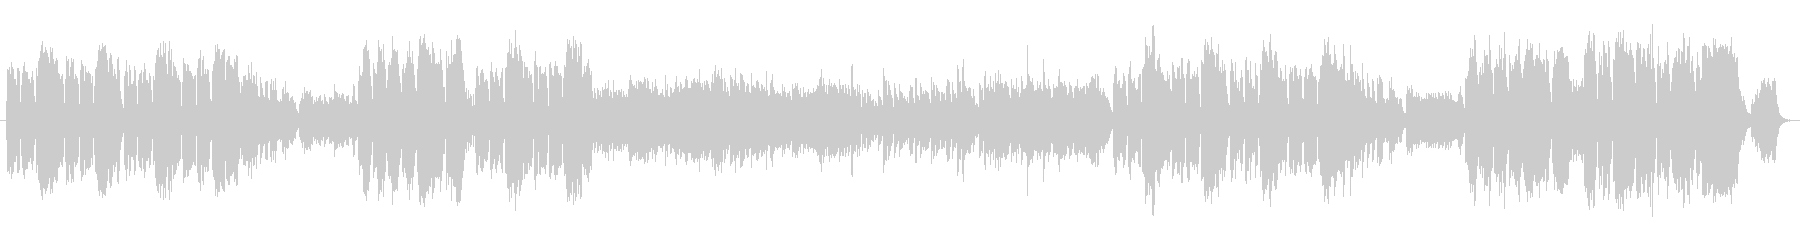 ワルツ 第3番 ピアノ+オケ版の未再生の波形